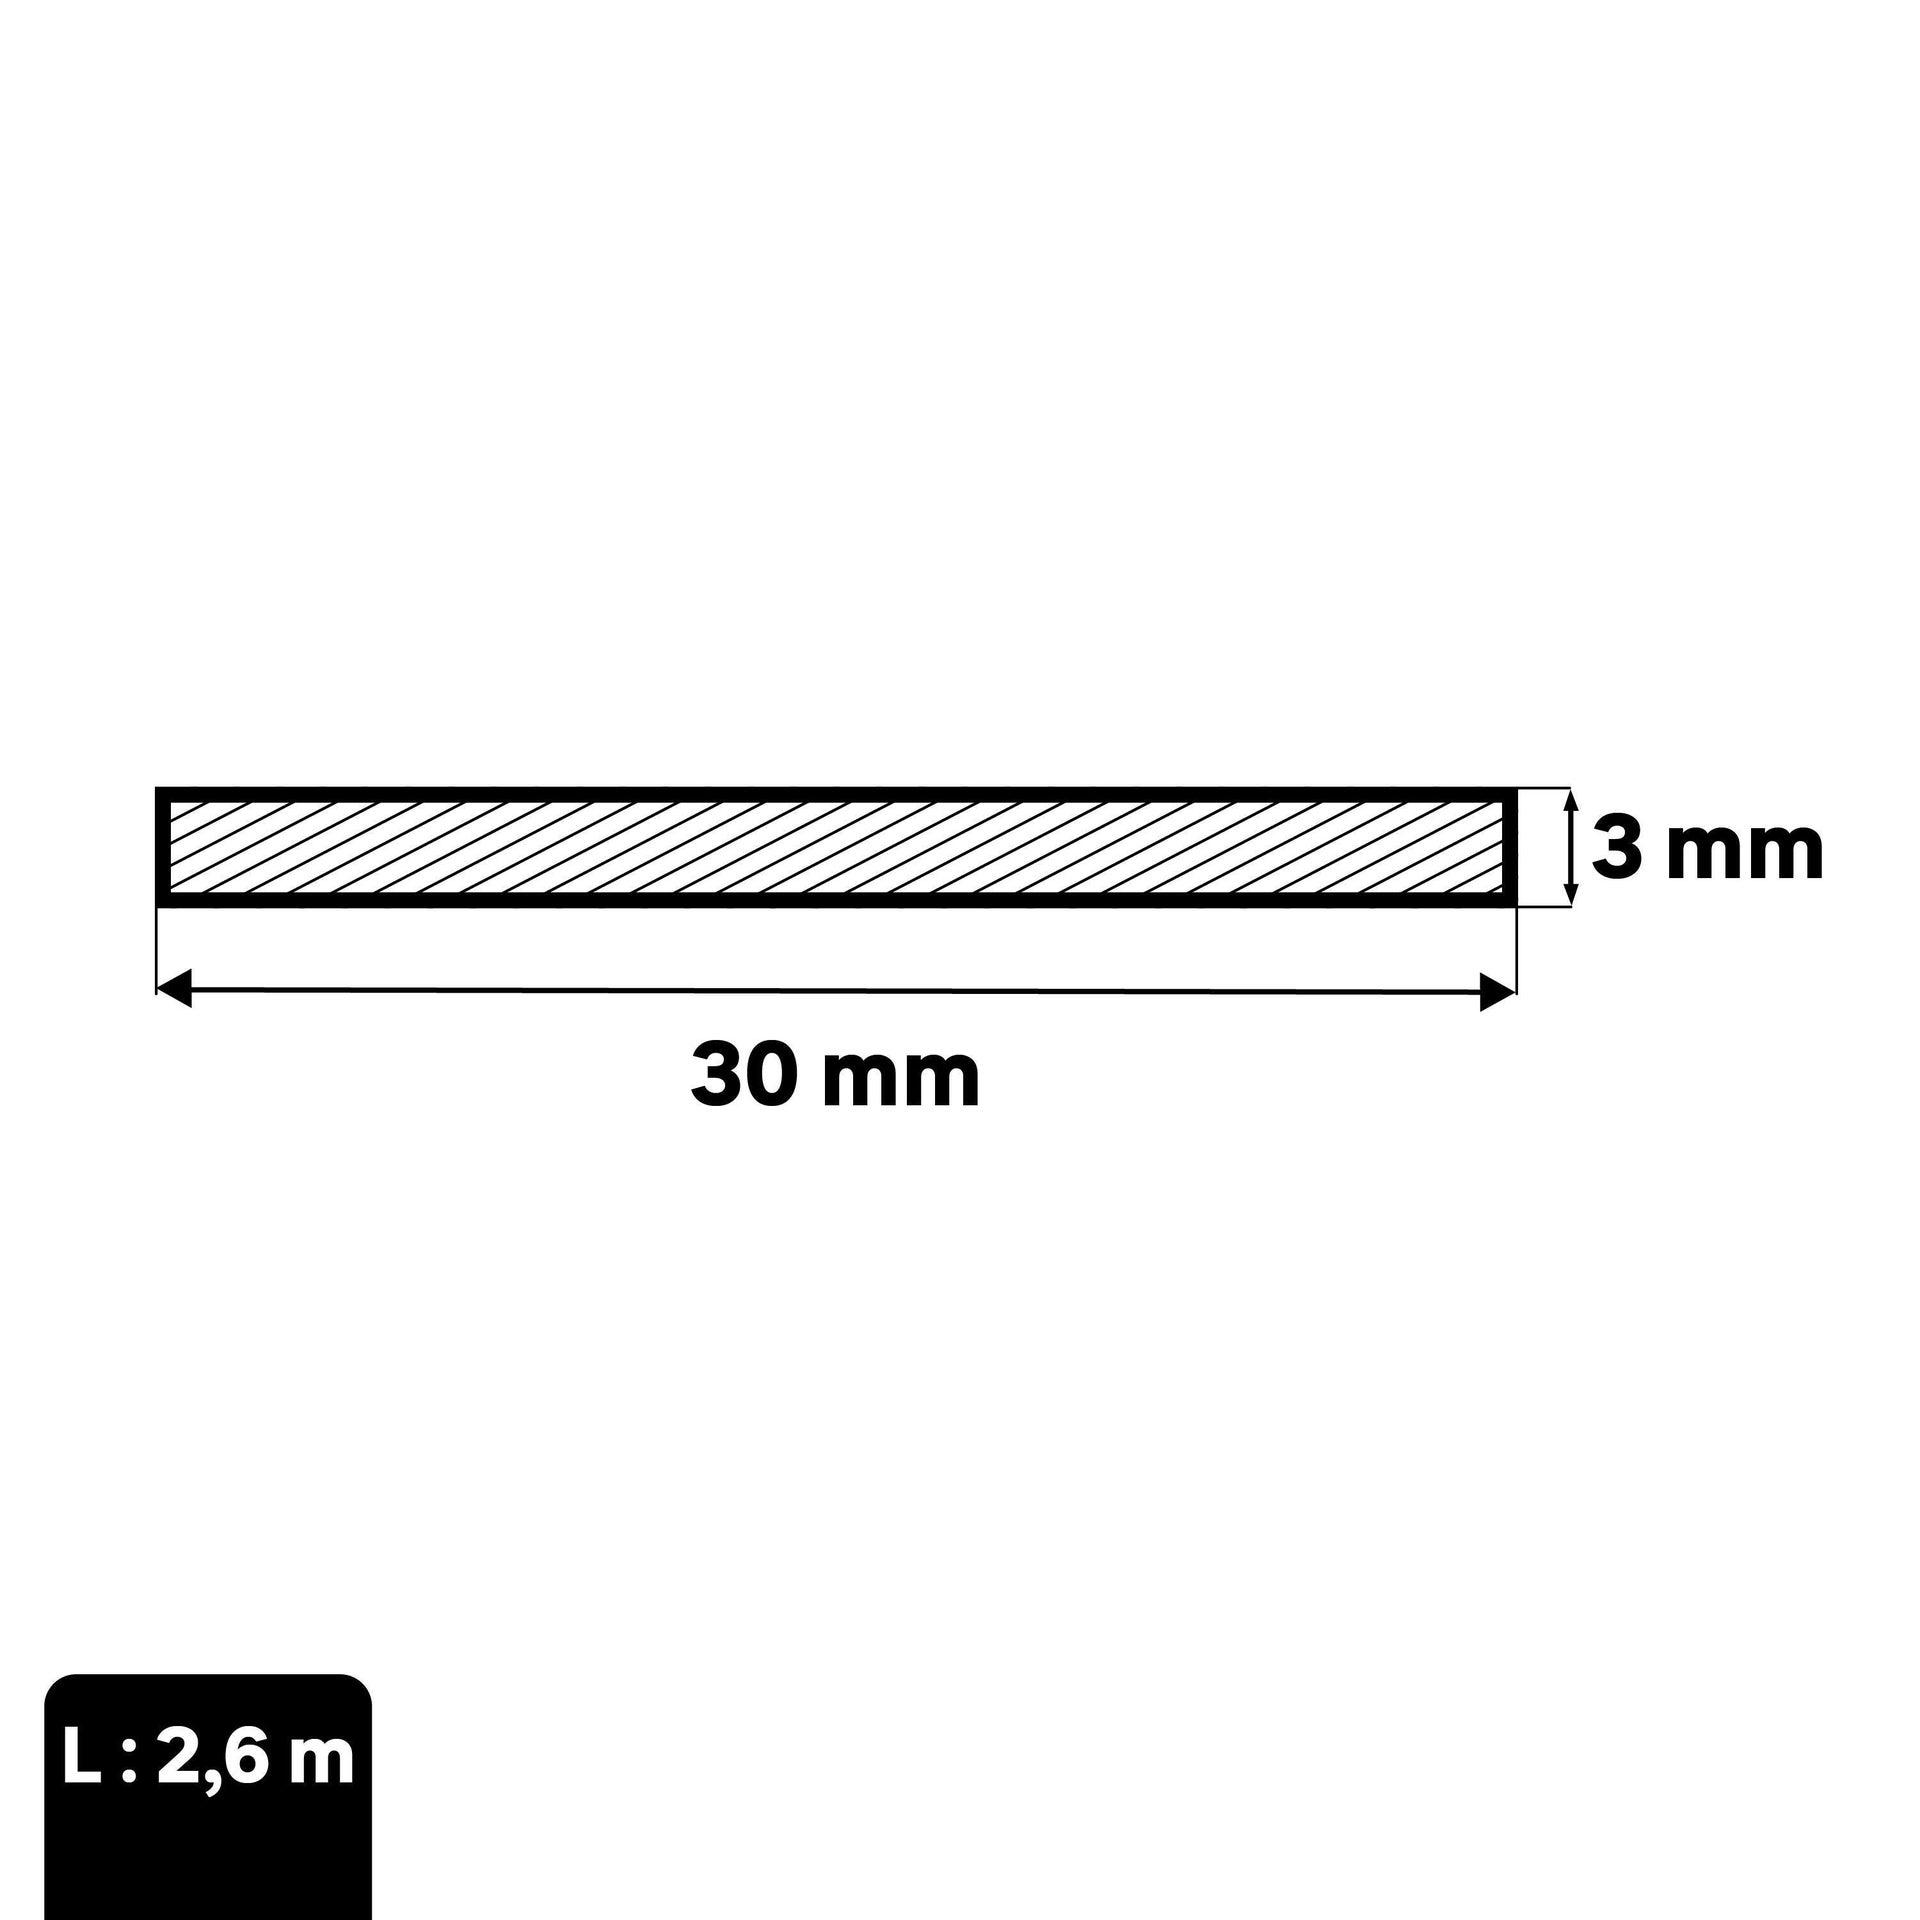 Profilo piatto STANDERS in pvc 2.6 m x 3 cm bianco - 3